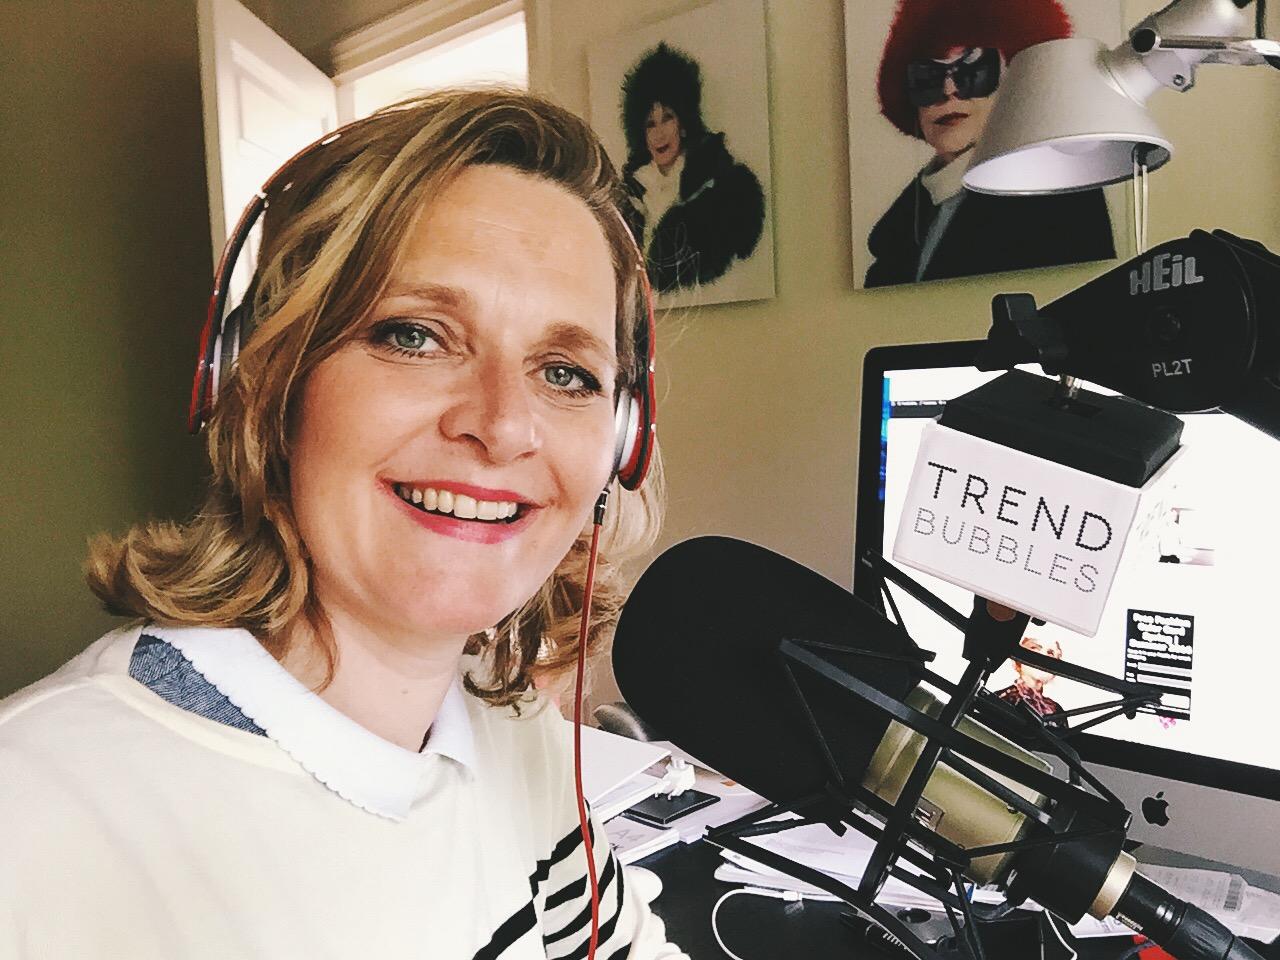 Een podcast beginnen hoe doe je dat? | trendbubbles.nl